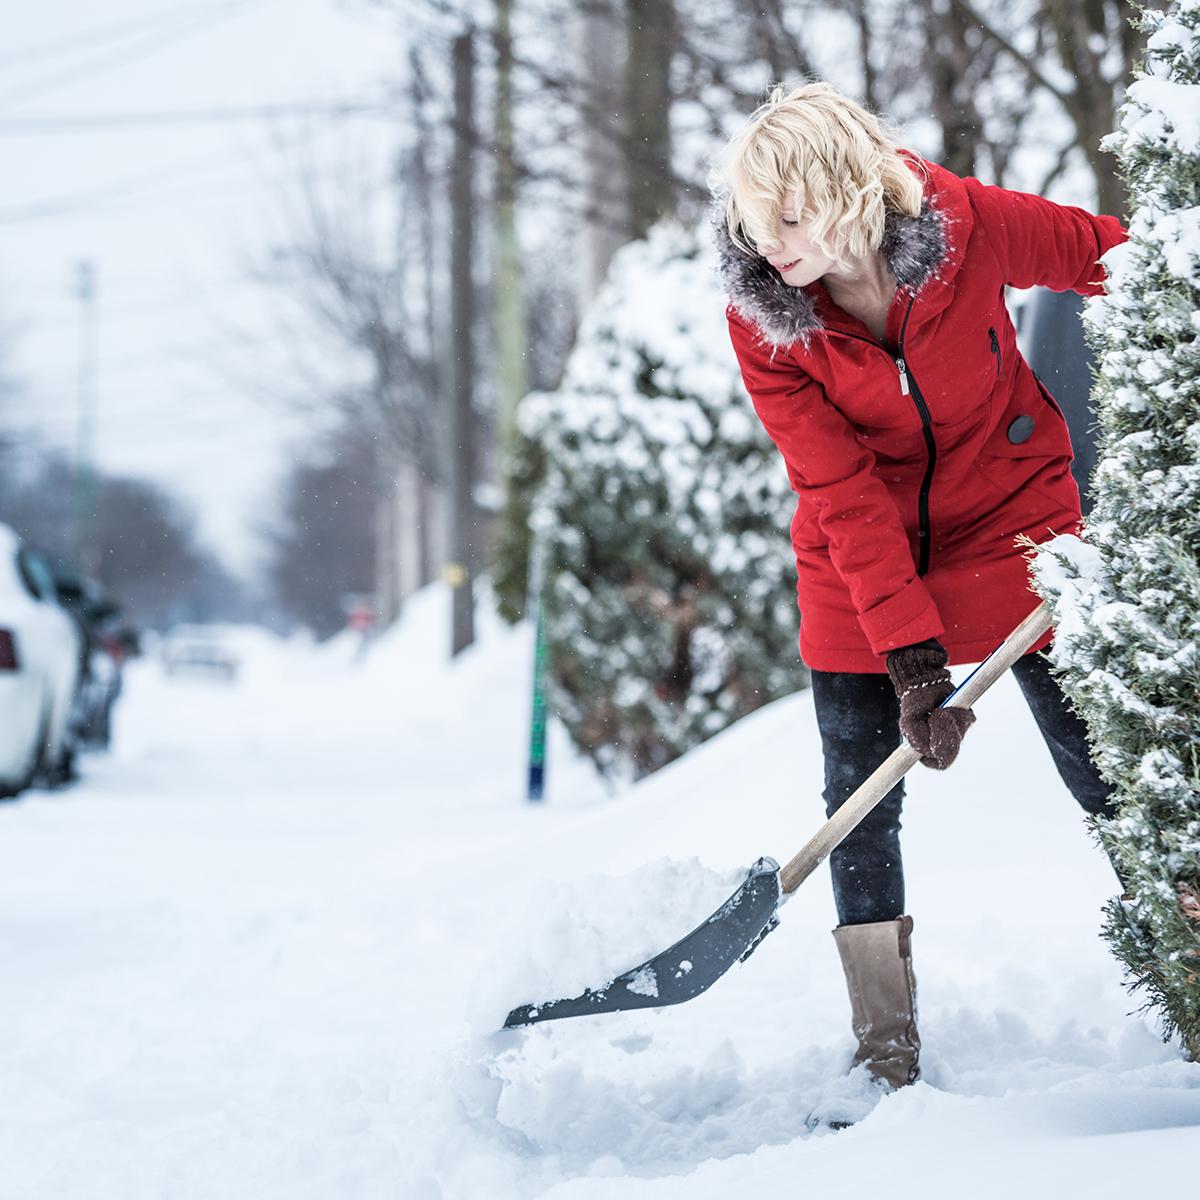 Snow Shoveling Injuries